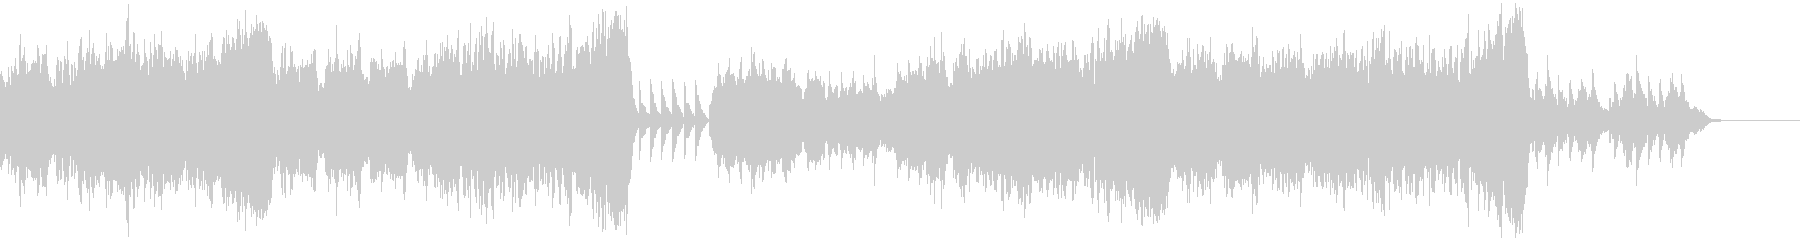 ストリングスのバラード曲の未再生の波形